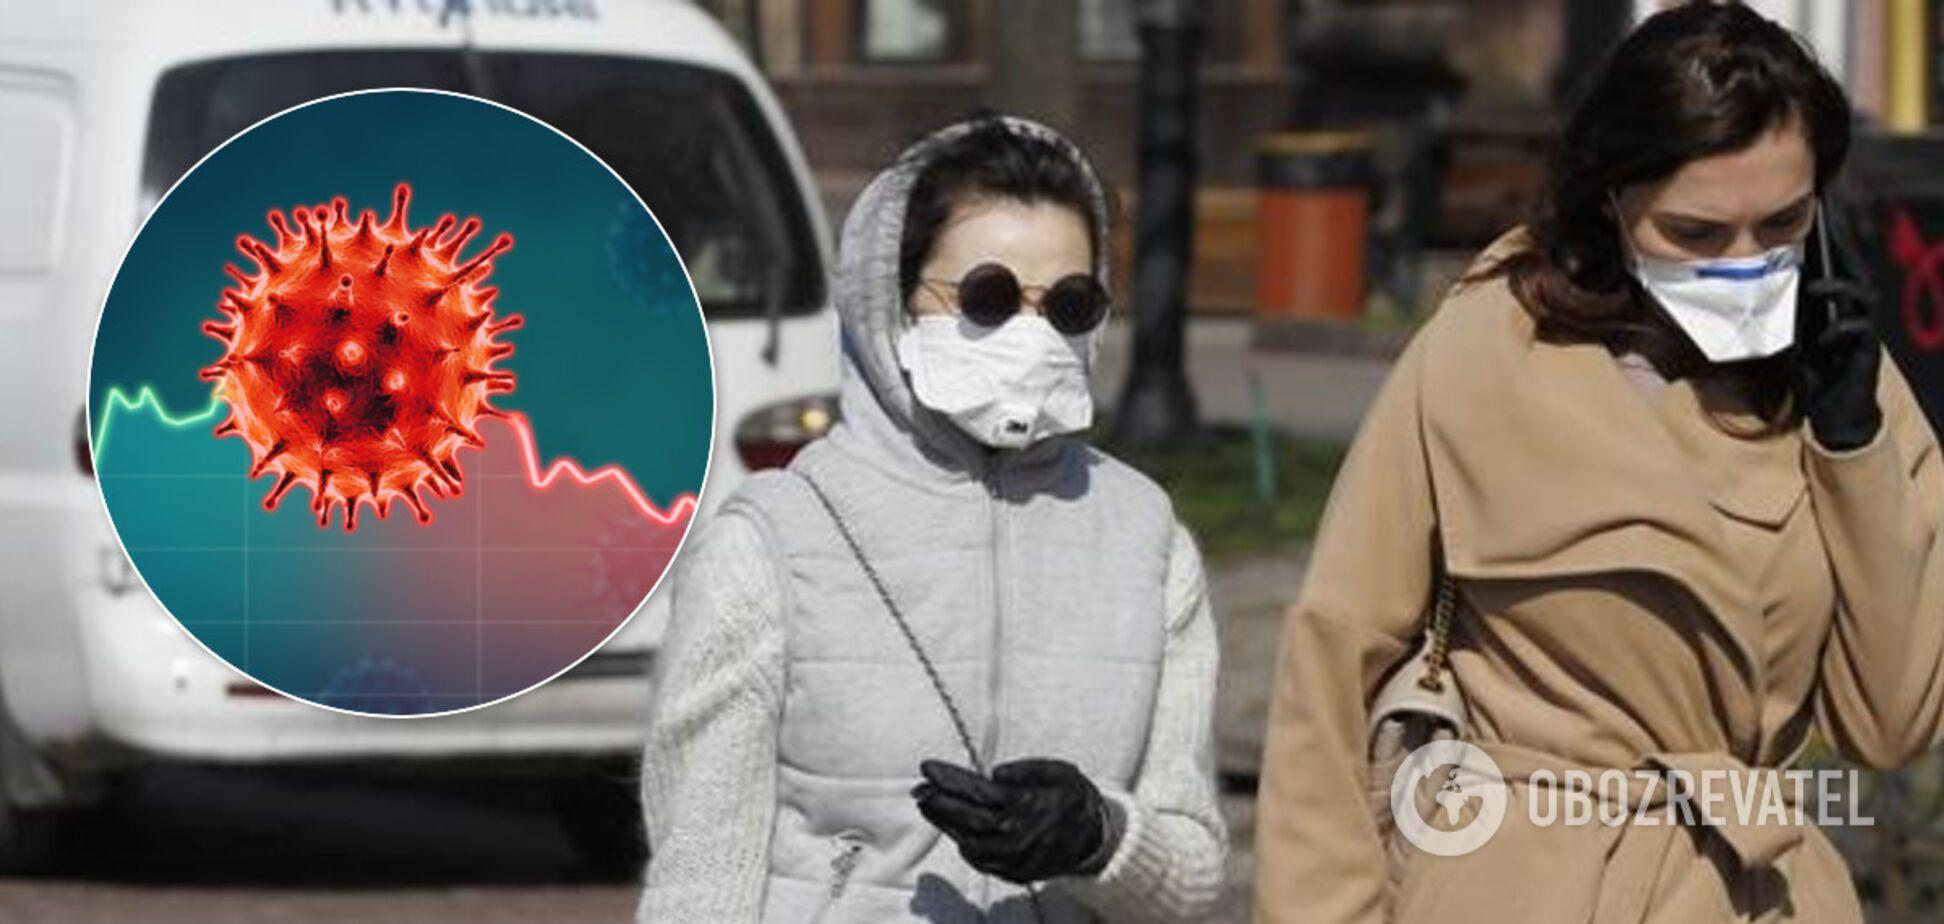 Пік COVID-19 в Україні ще попереду: науковці спрогнозували, коли пандемія піде на спад